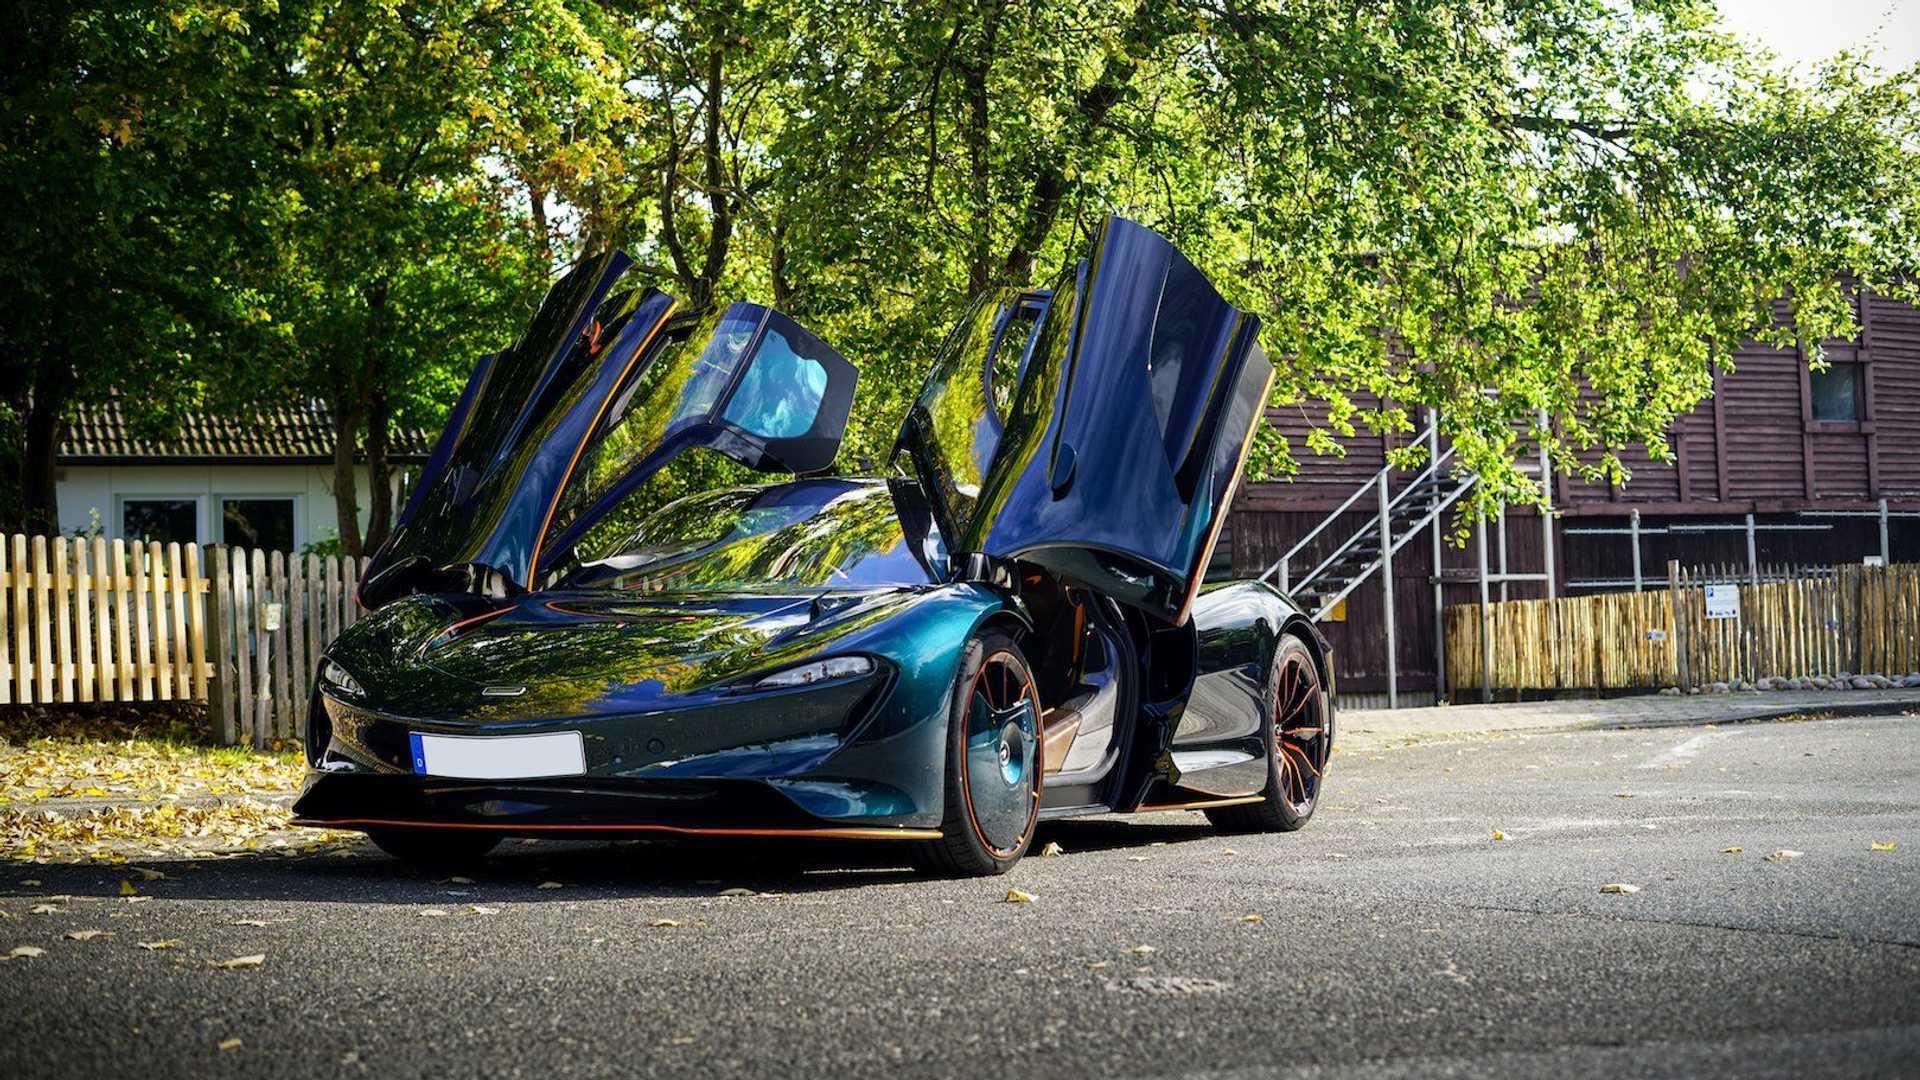 2020 McLaren Speedtail for sale (exterior)